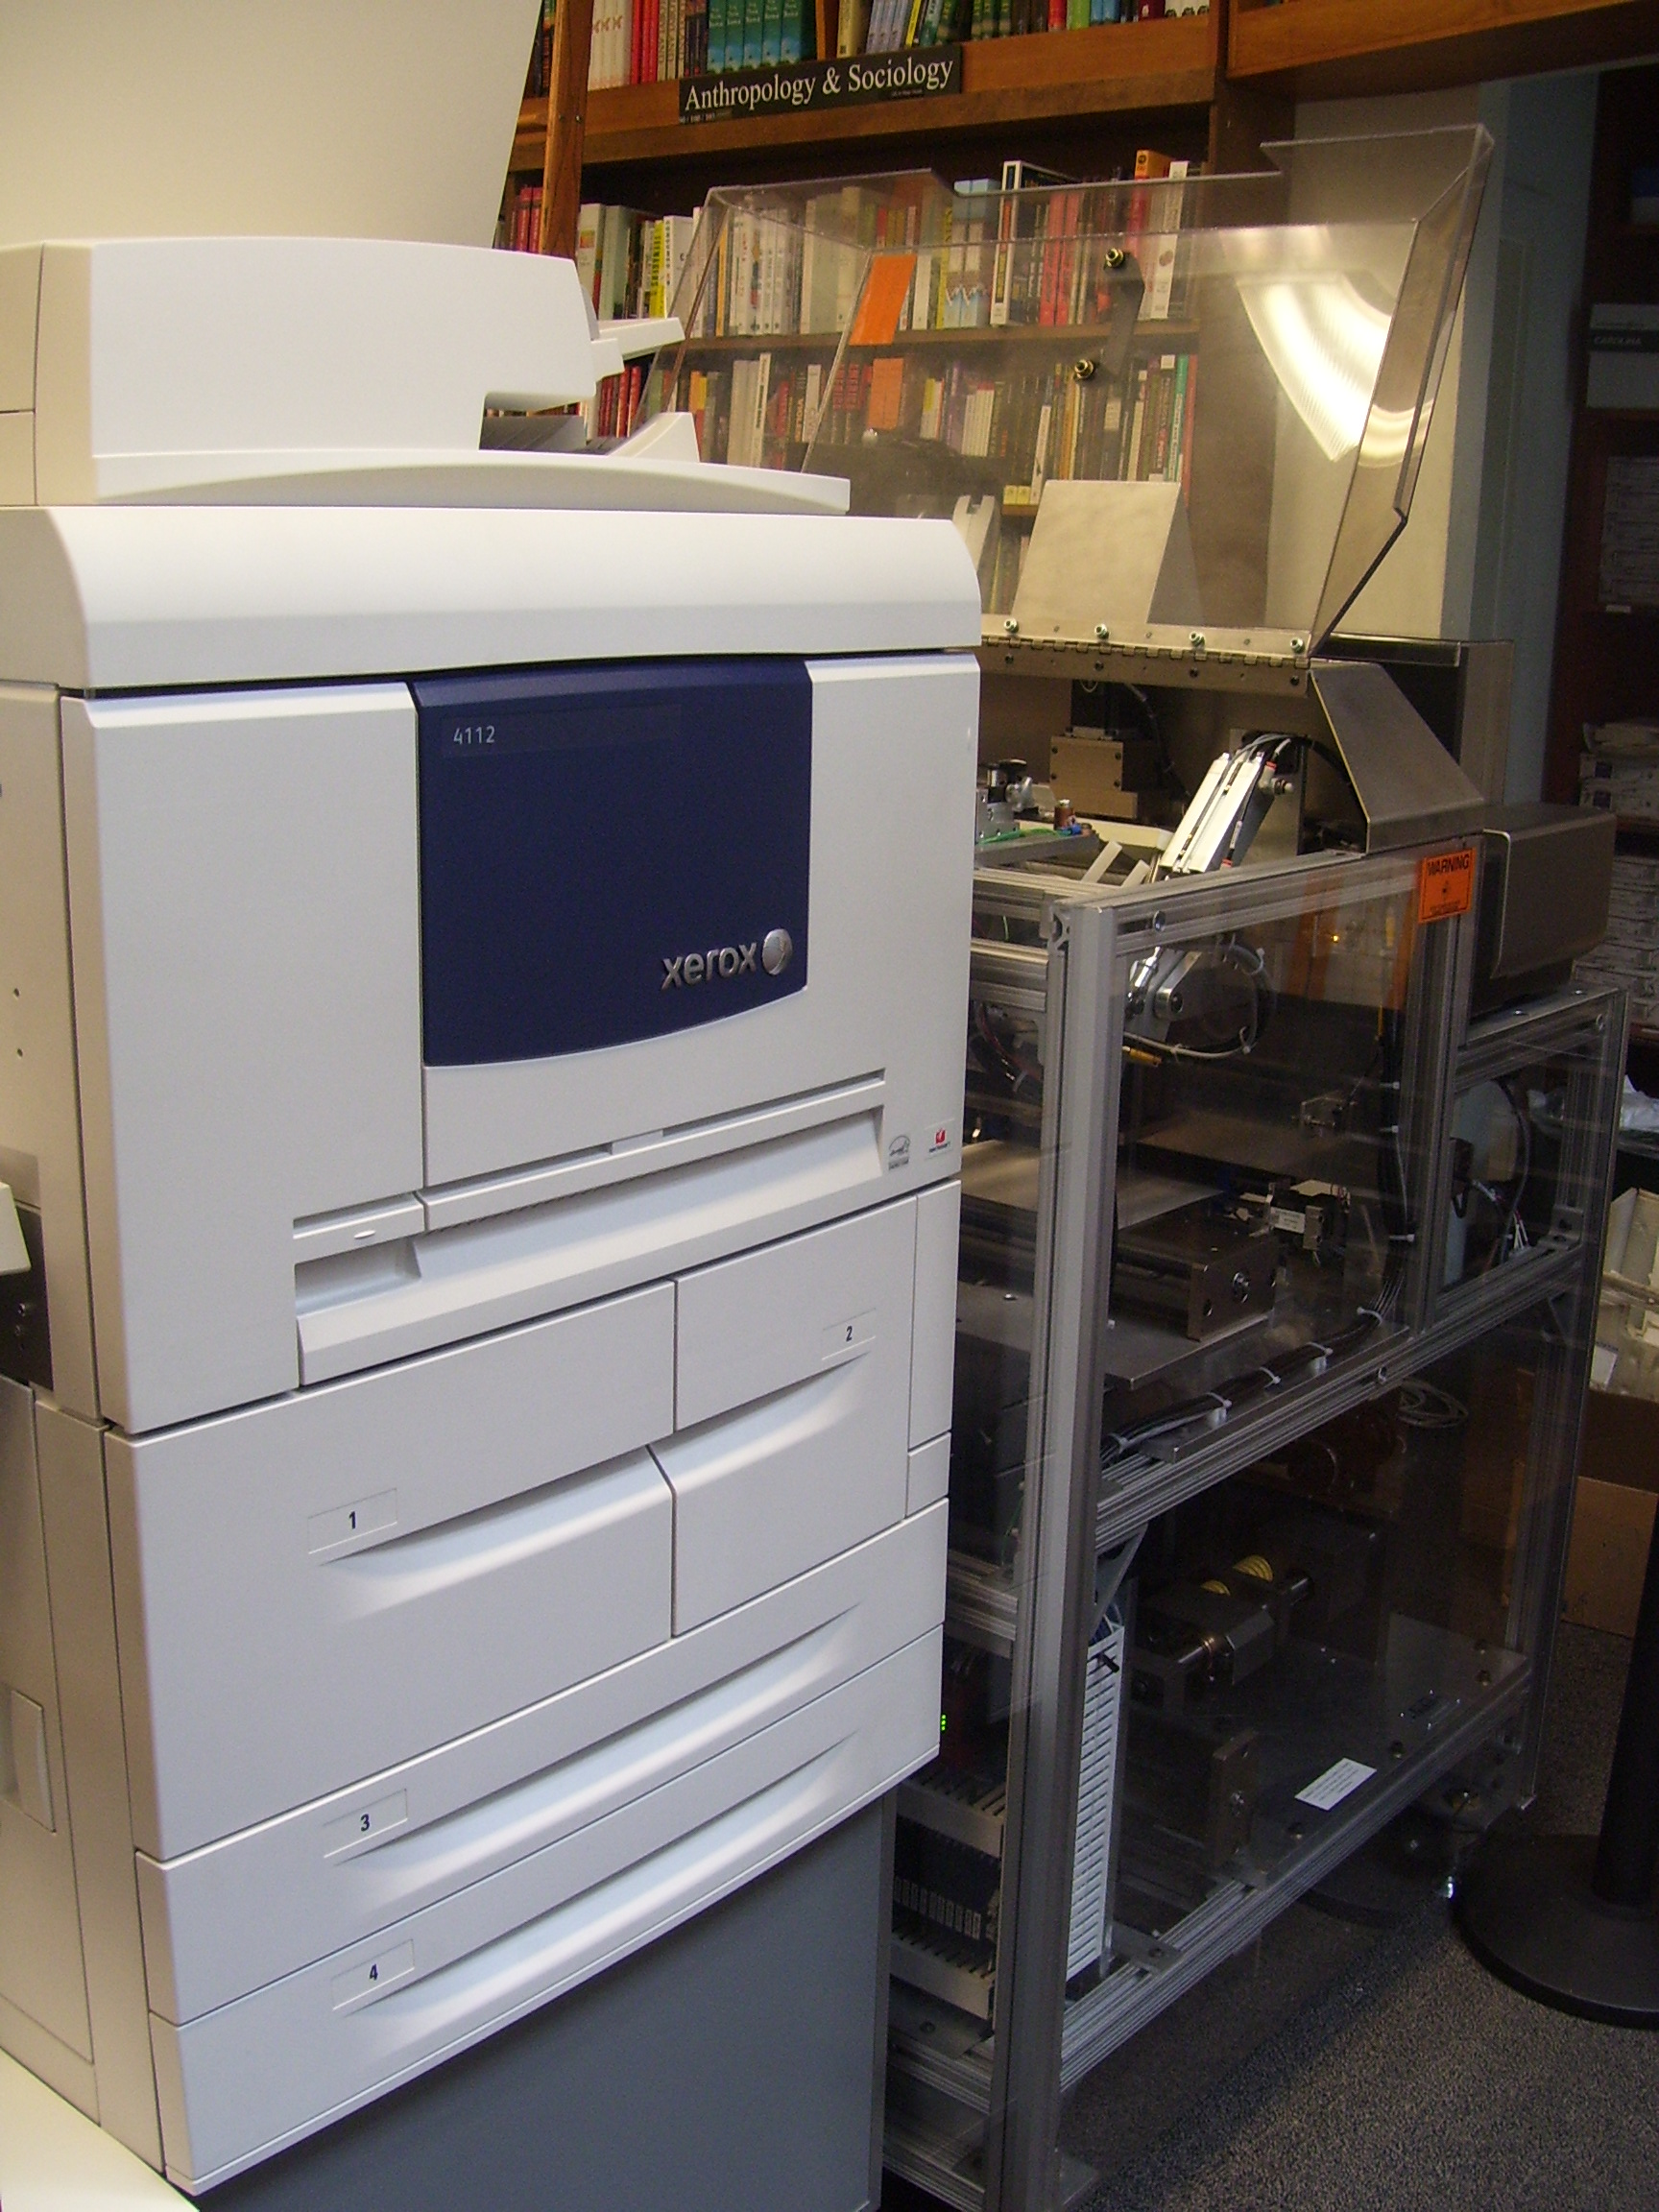 paige_m_gutenborg_printer